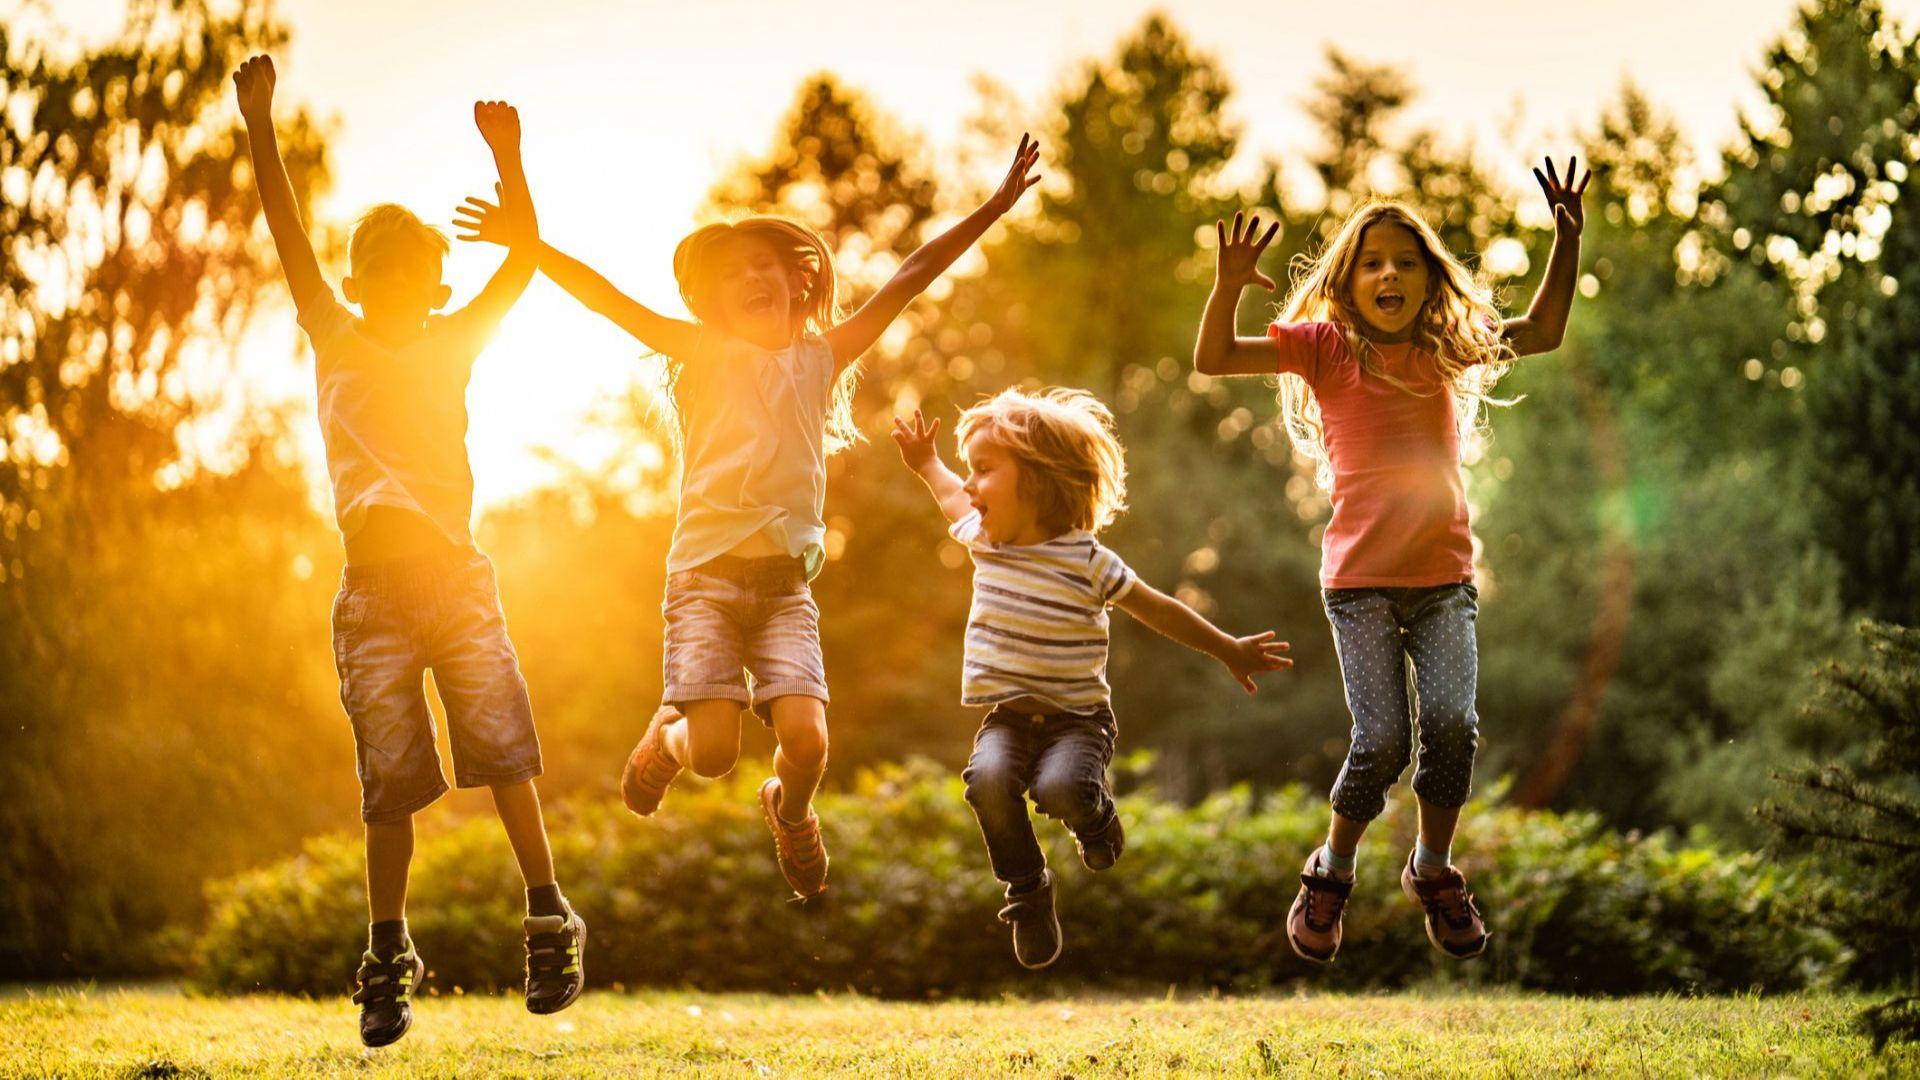 Децата, отглеждани в озеленена среда, имат по-висок коефициент на интелигентност